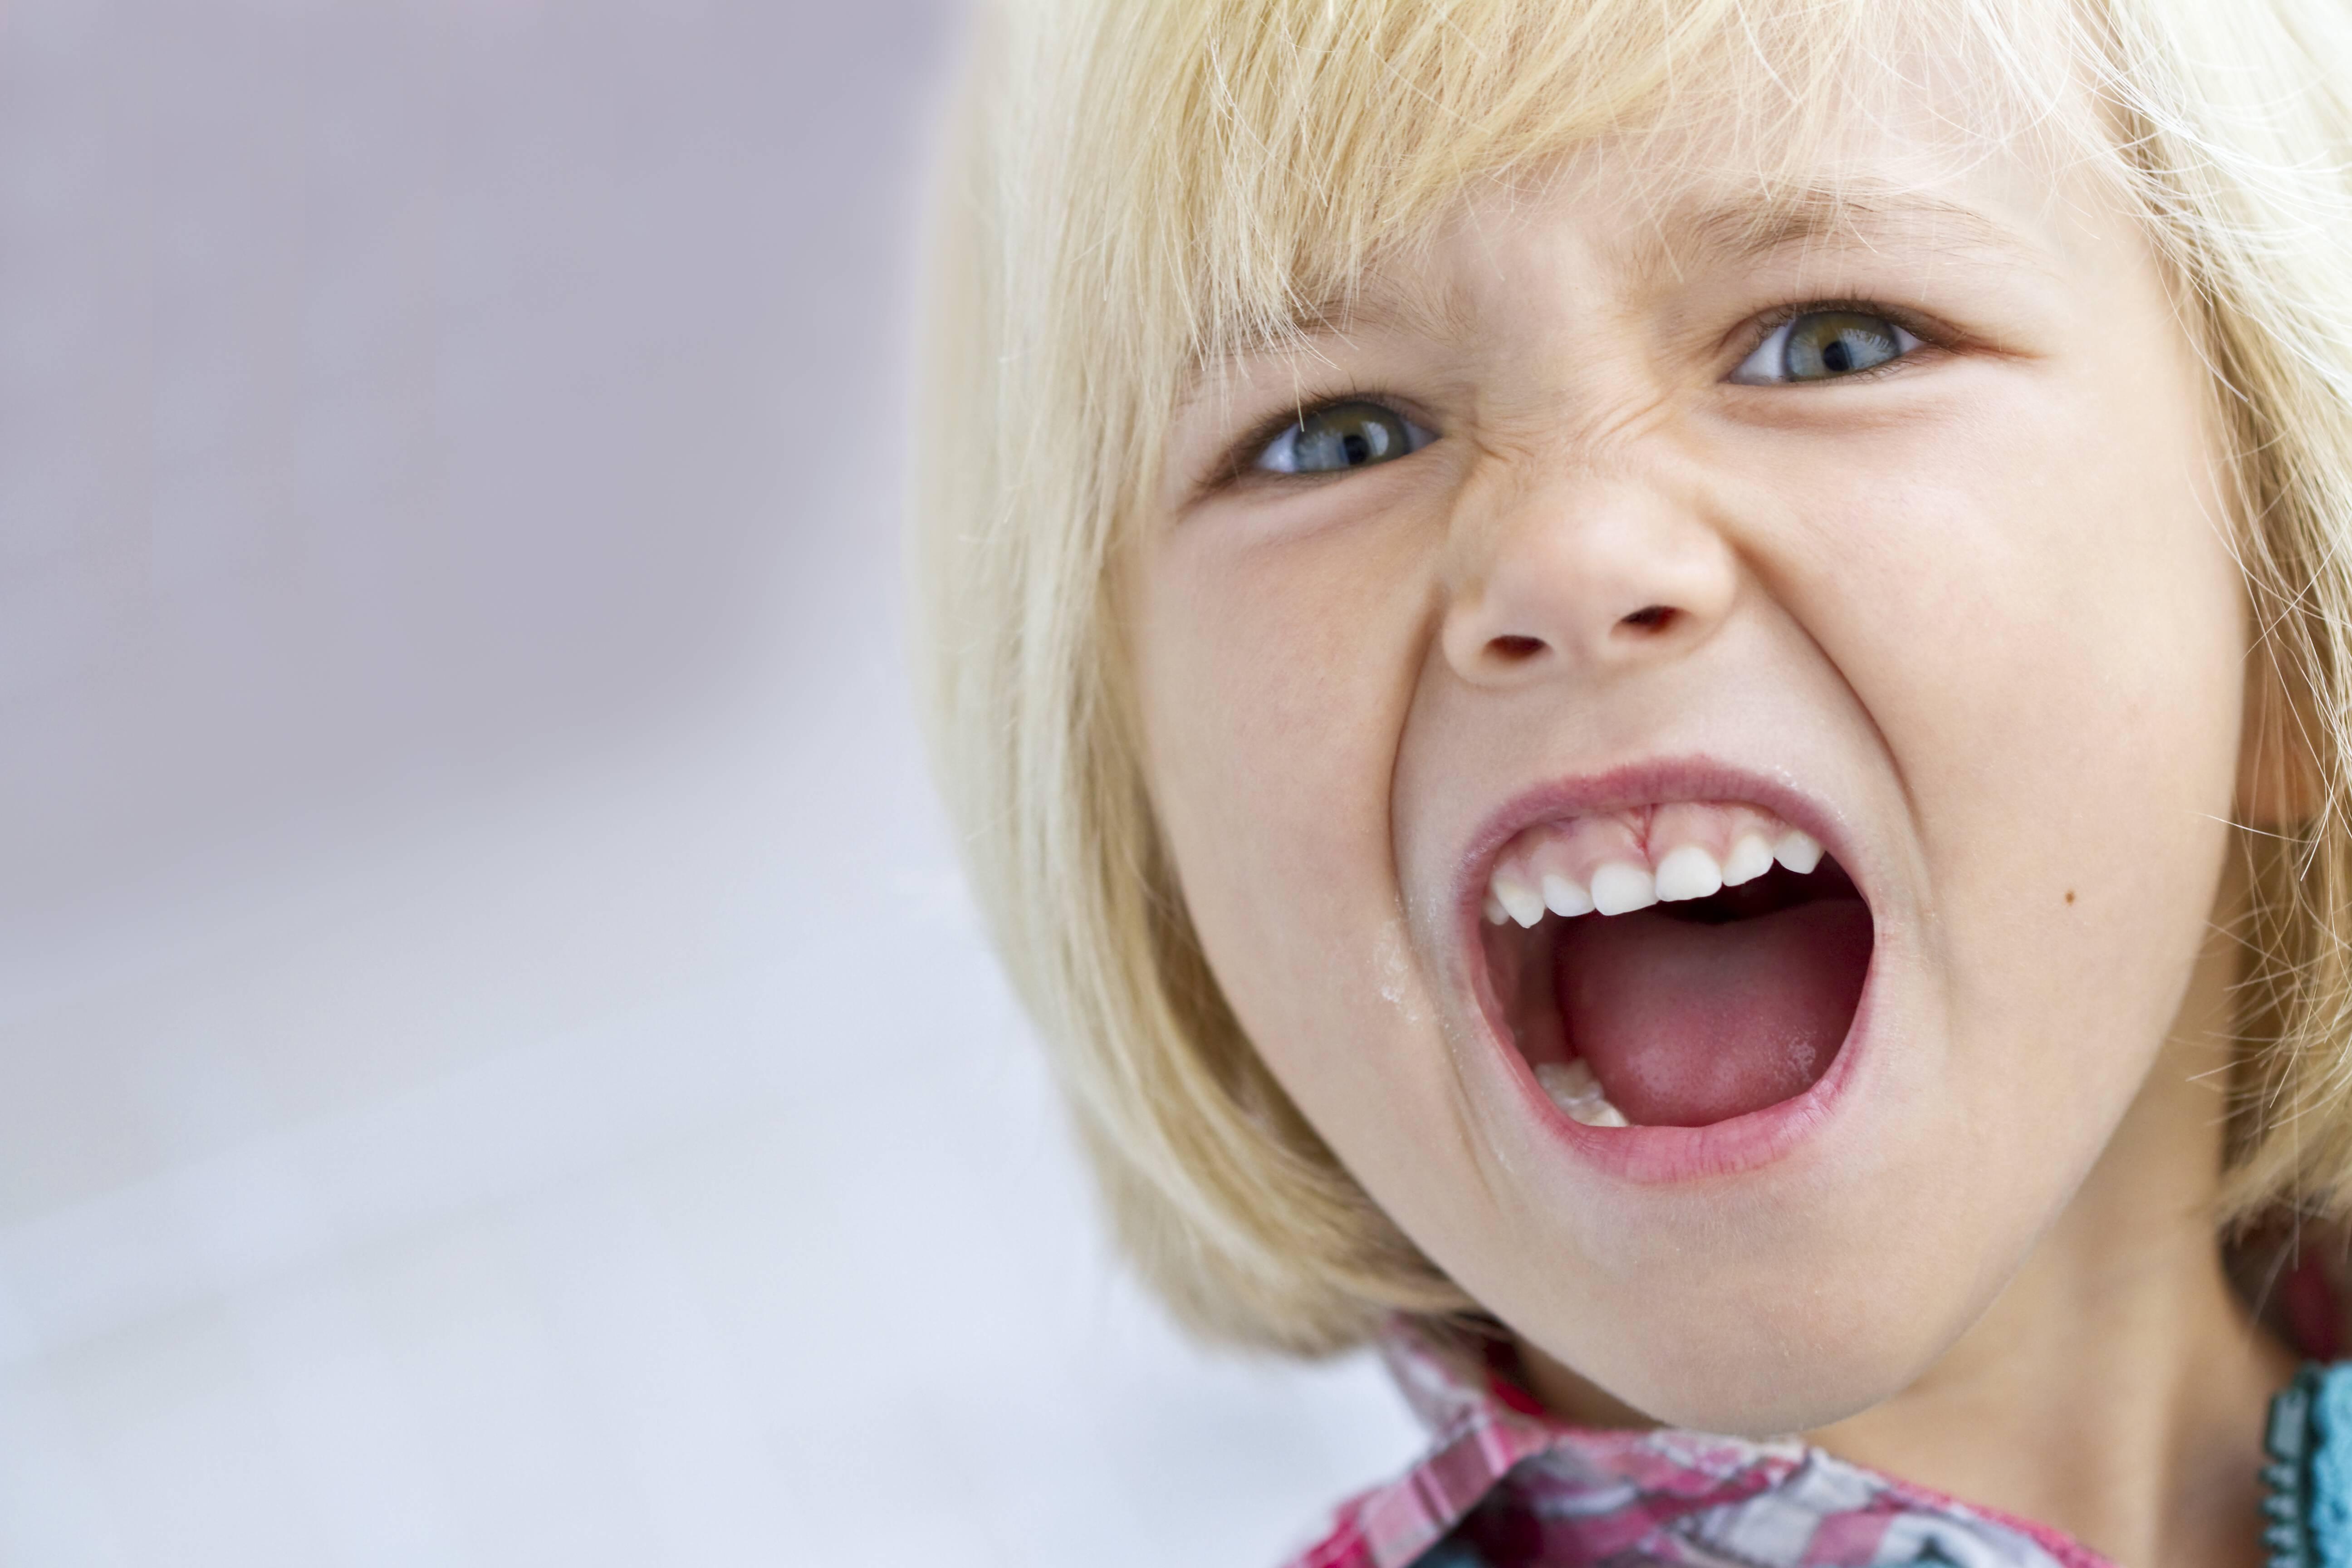 Wackelzahnpubertät: Wissenswertes und was Sie als Eltern tun können